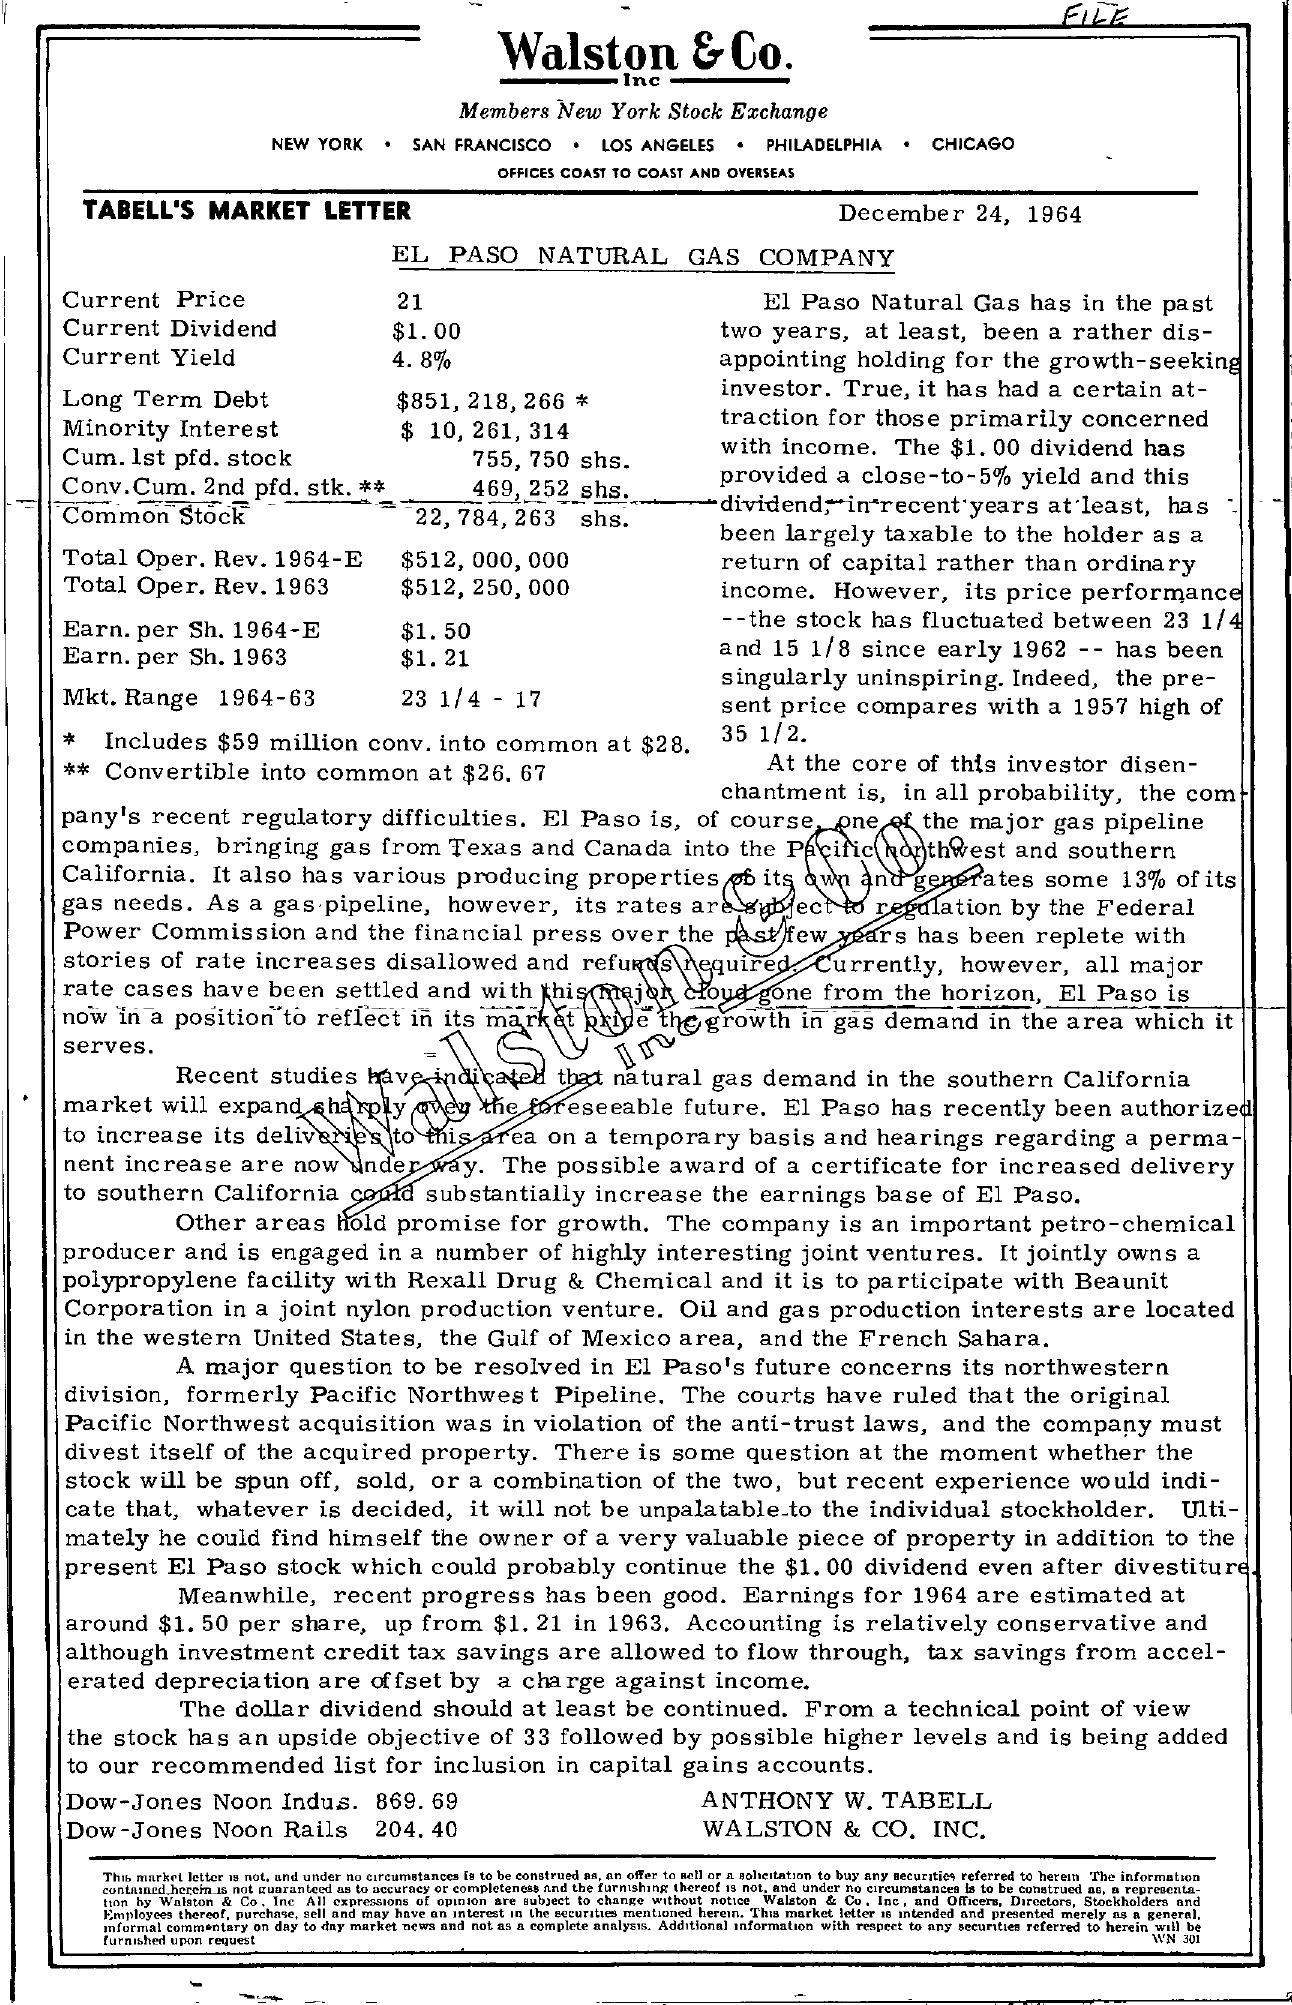 Tabell's Market Letter - December 24, 1964